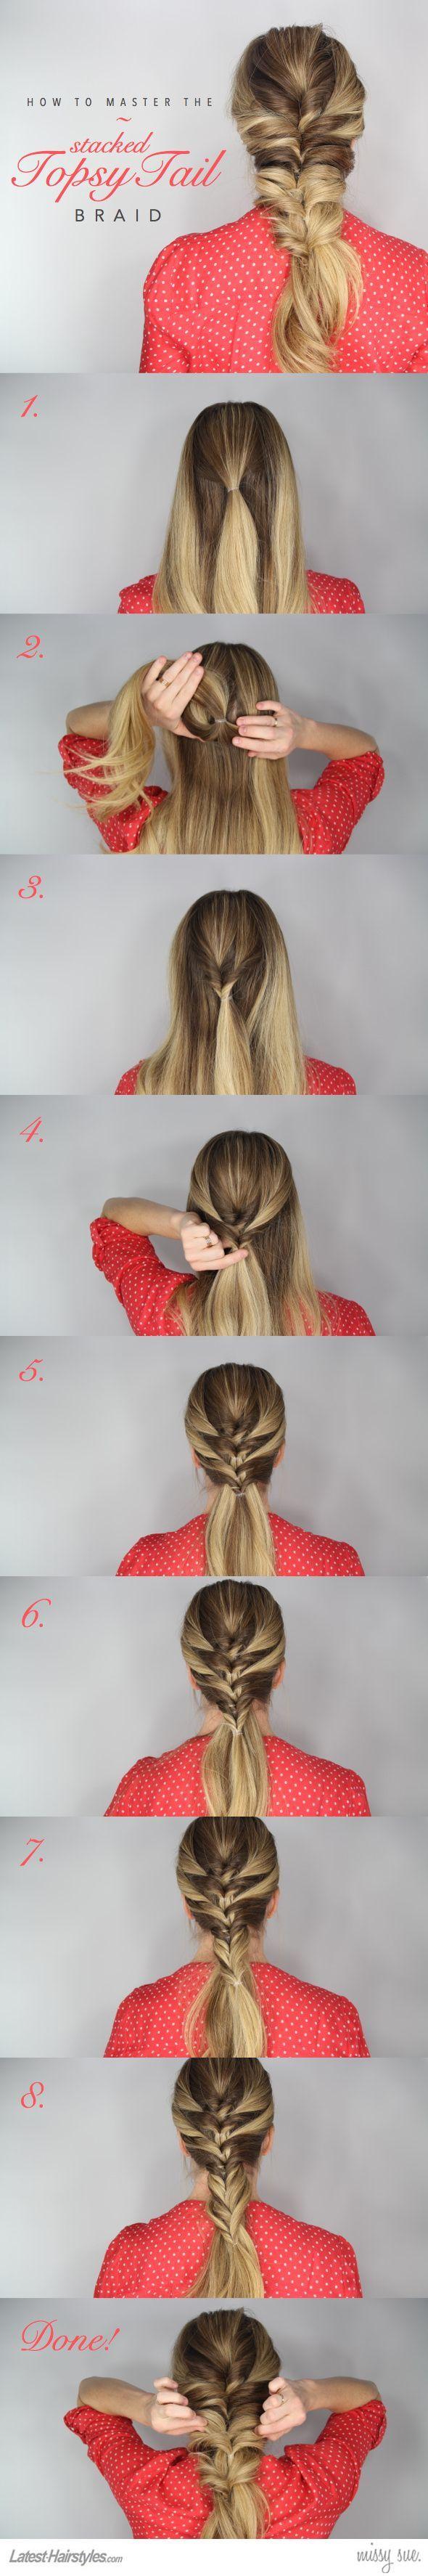 Pin by Ellen Wirtz on Great Hair Idea Pinterest My hair Twist